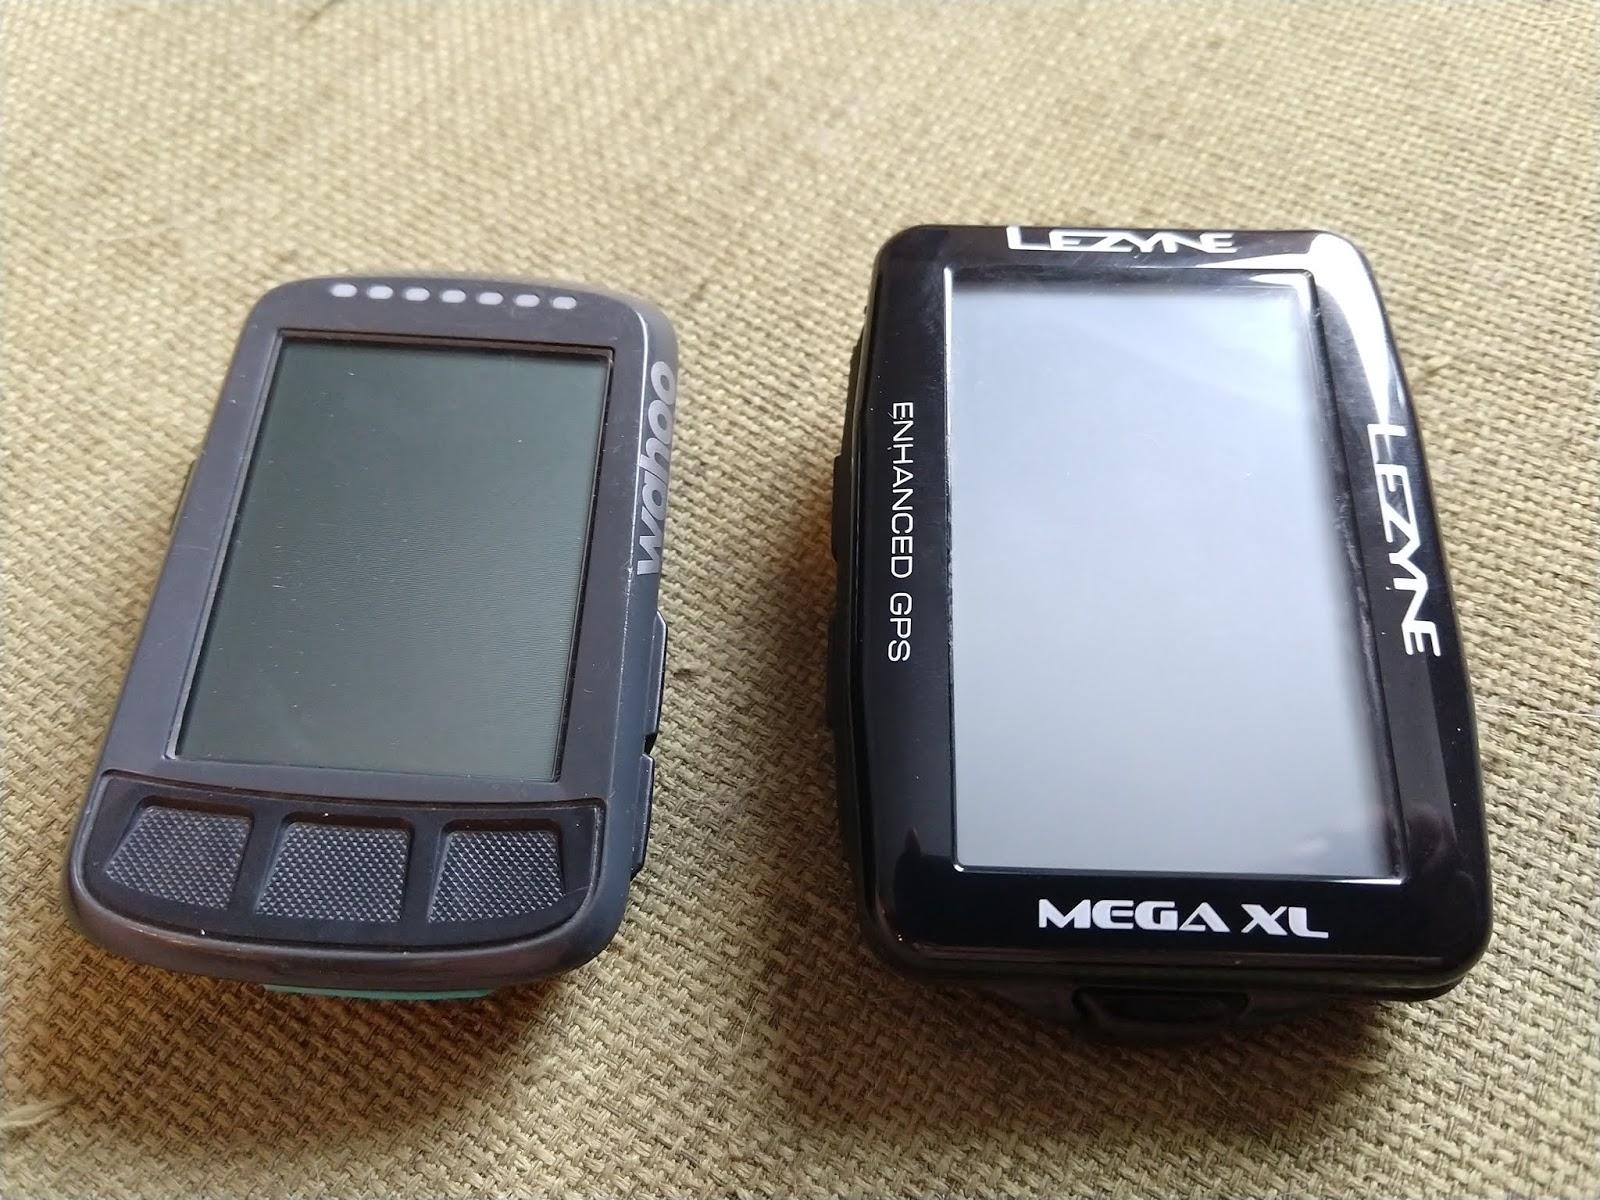 Lezyne Mega XL GPS vs Wahoo Elemnt Bolt